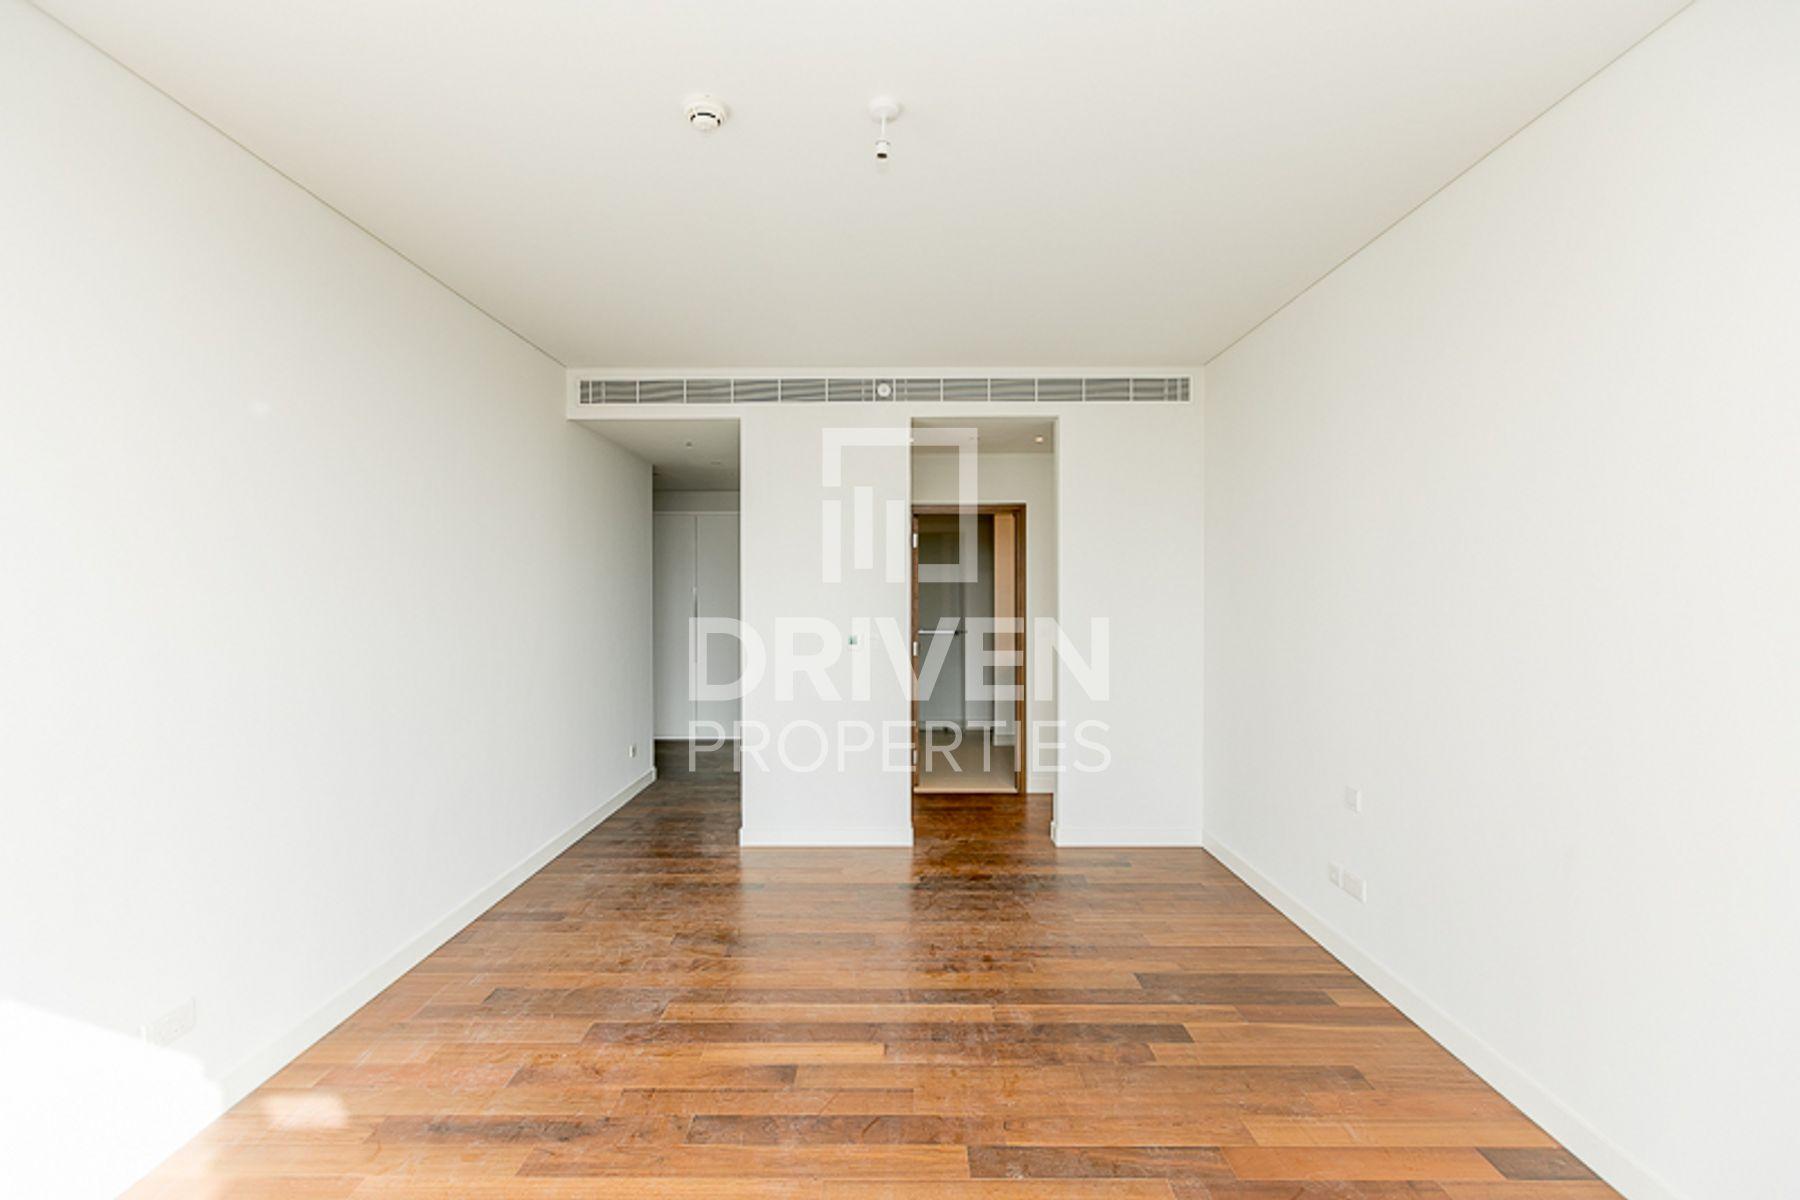 للايجار - شقة - 9 بناية - سيتي ووك